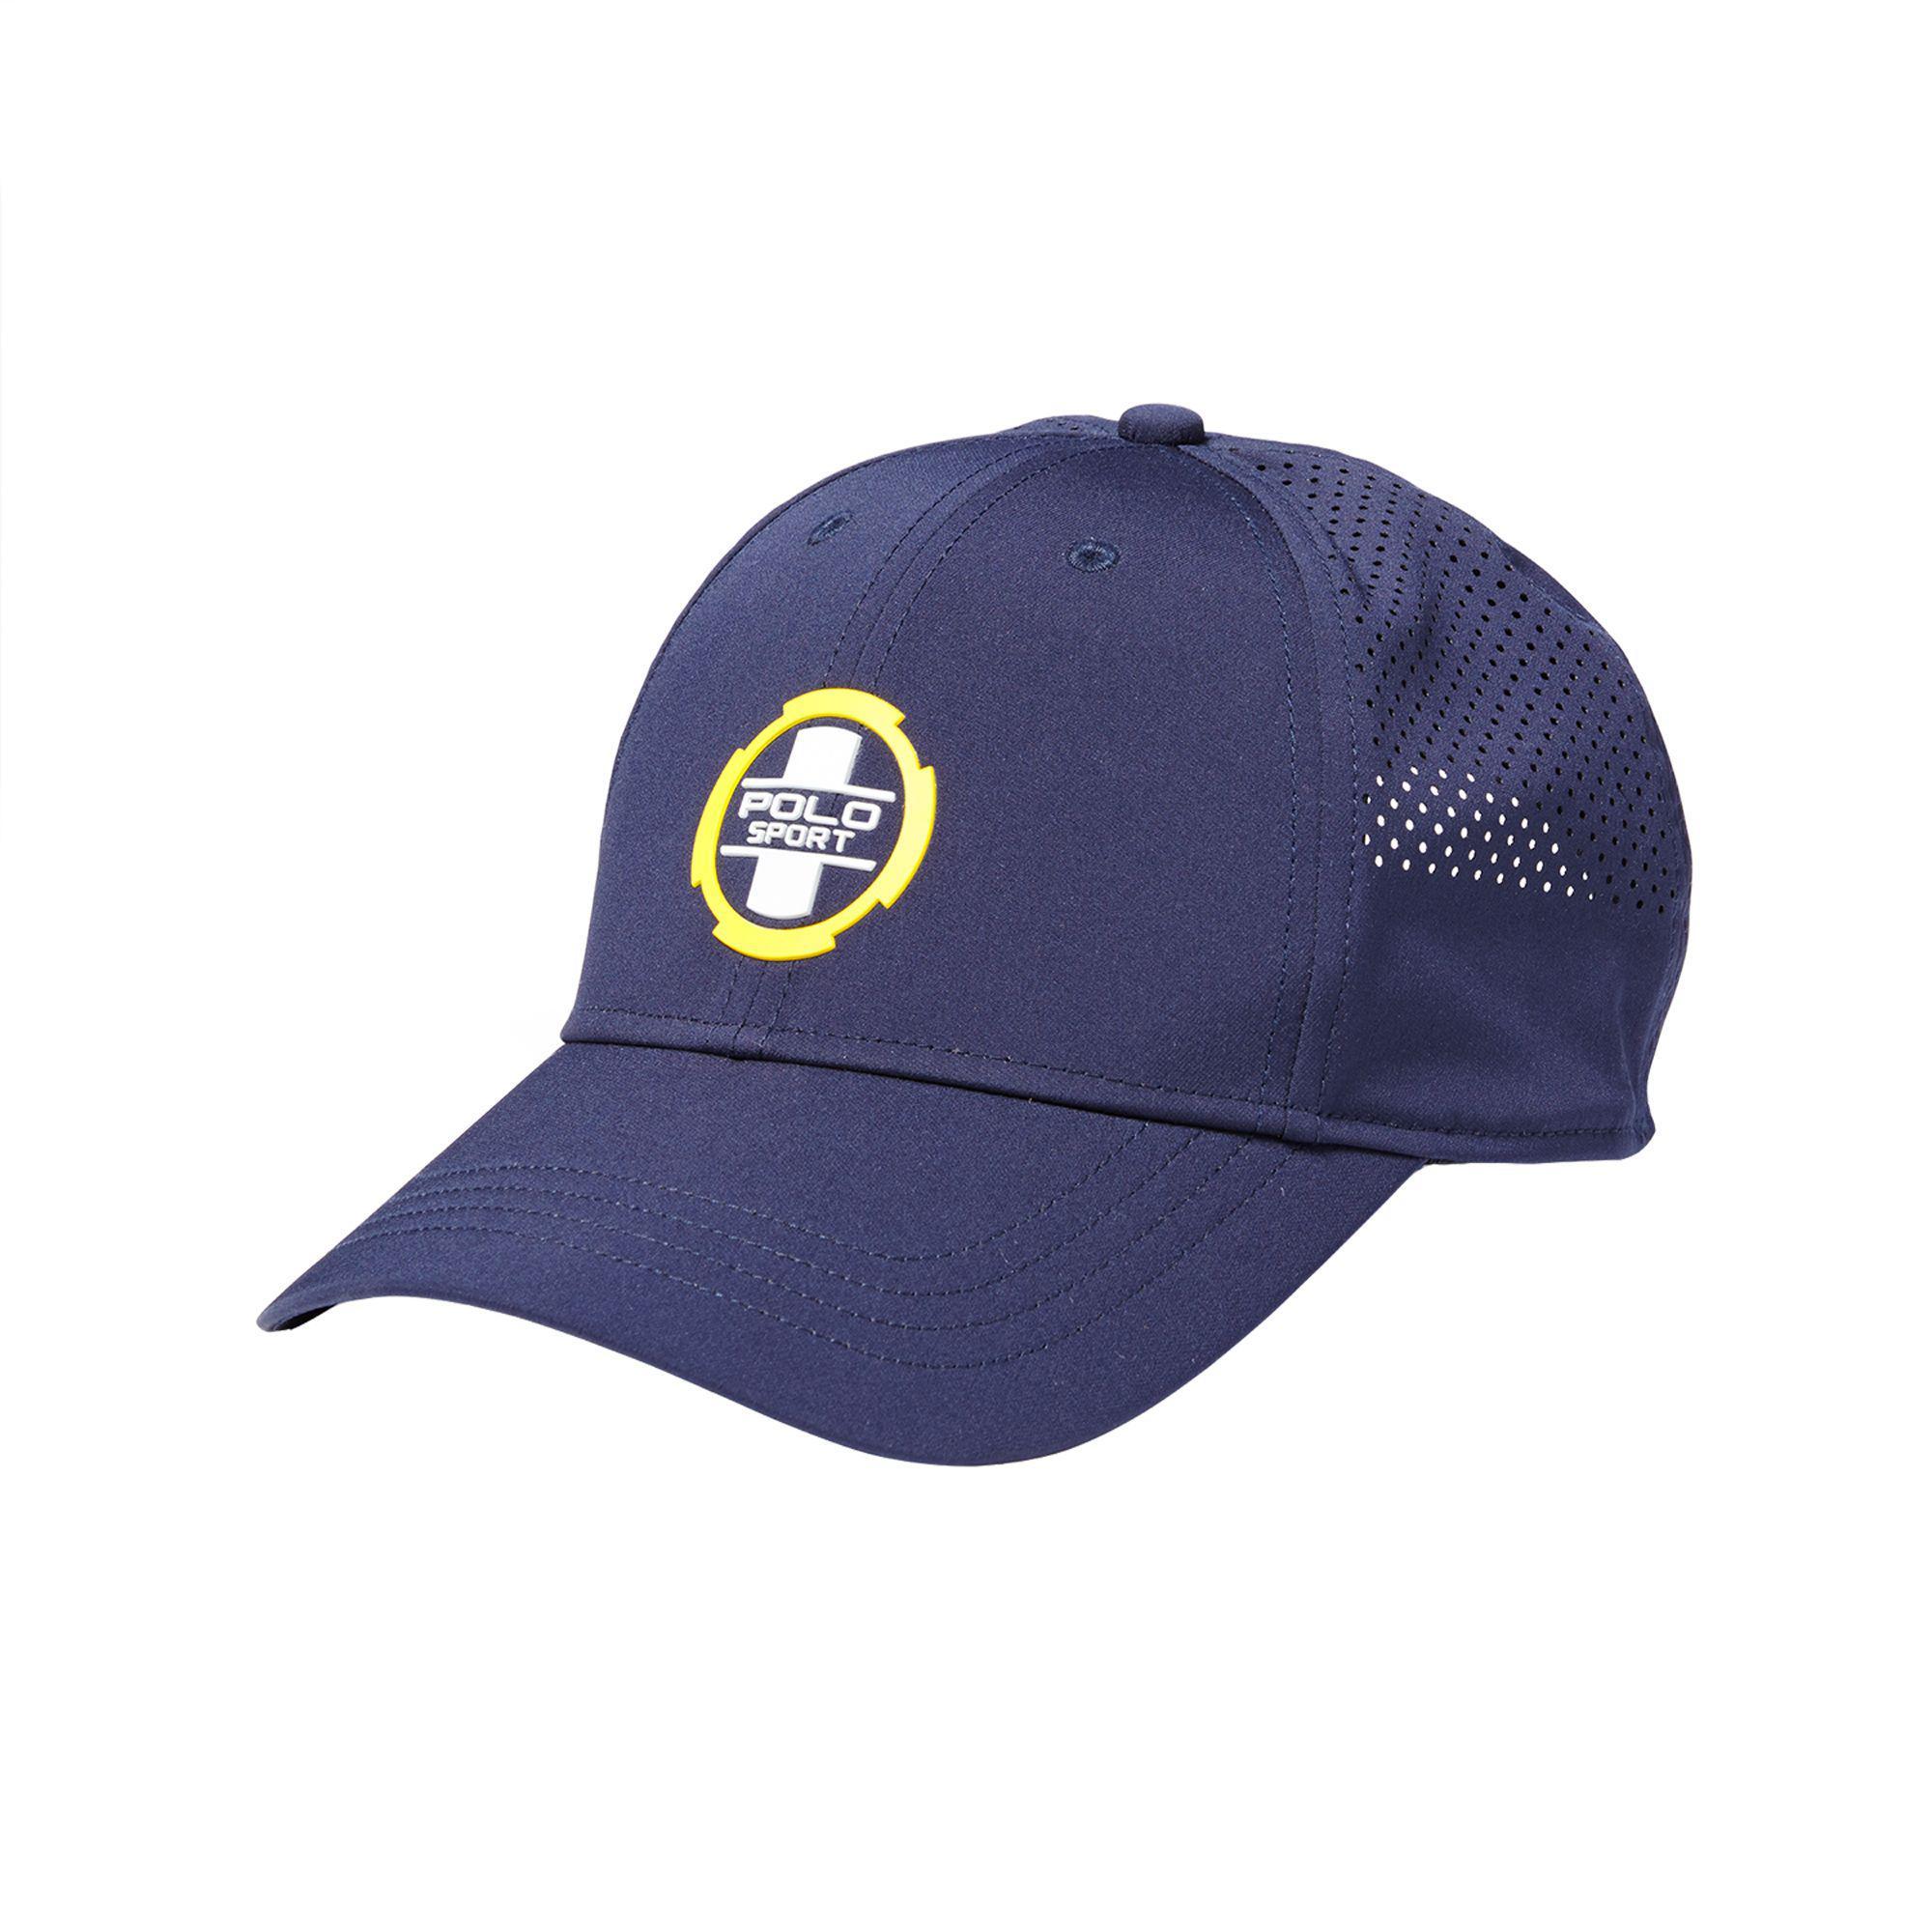 b4eefc1e Lyst - Polo Ralph Lauren Aseline Hat in Blue for Men